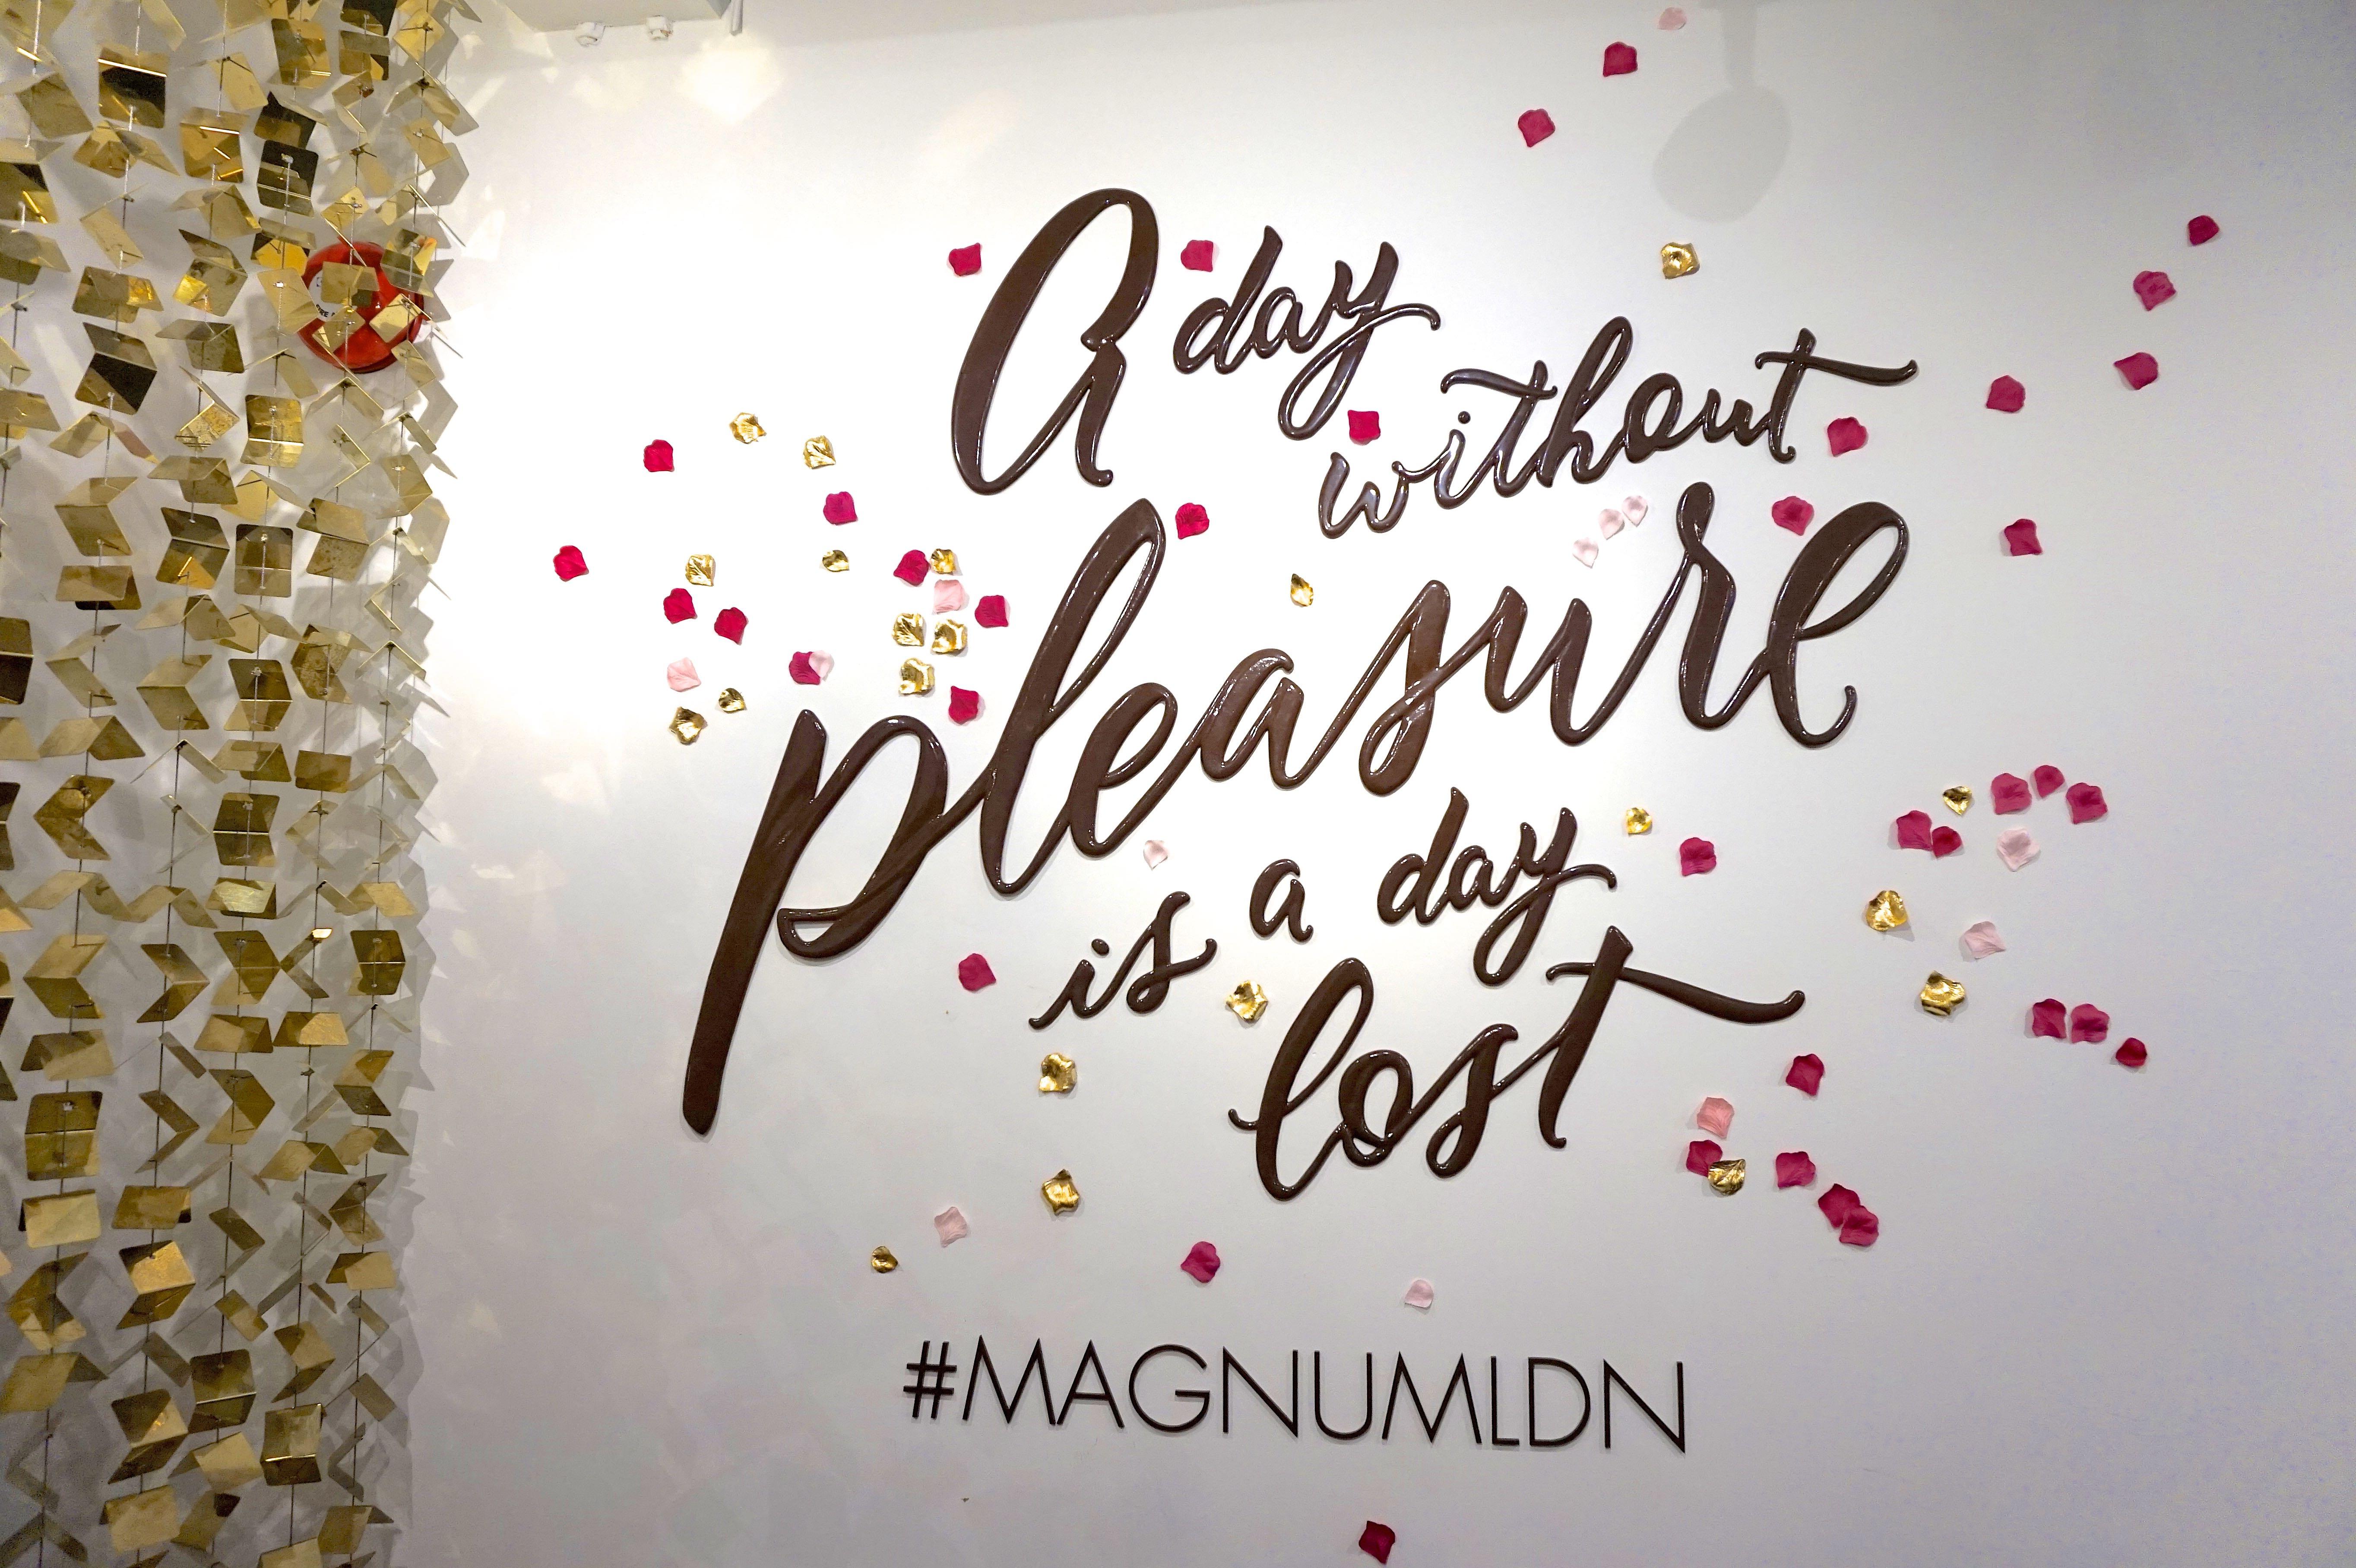 MagnumLDN Pleasure Store Visit